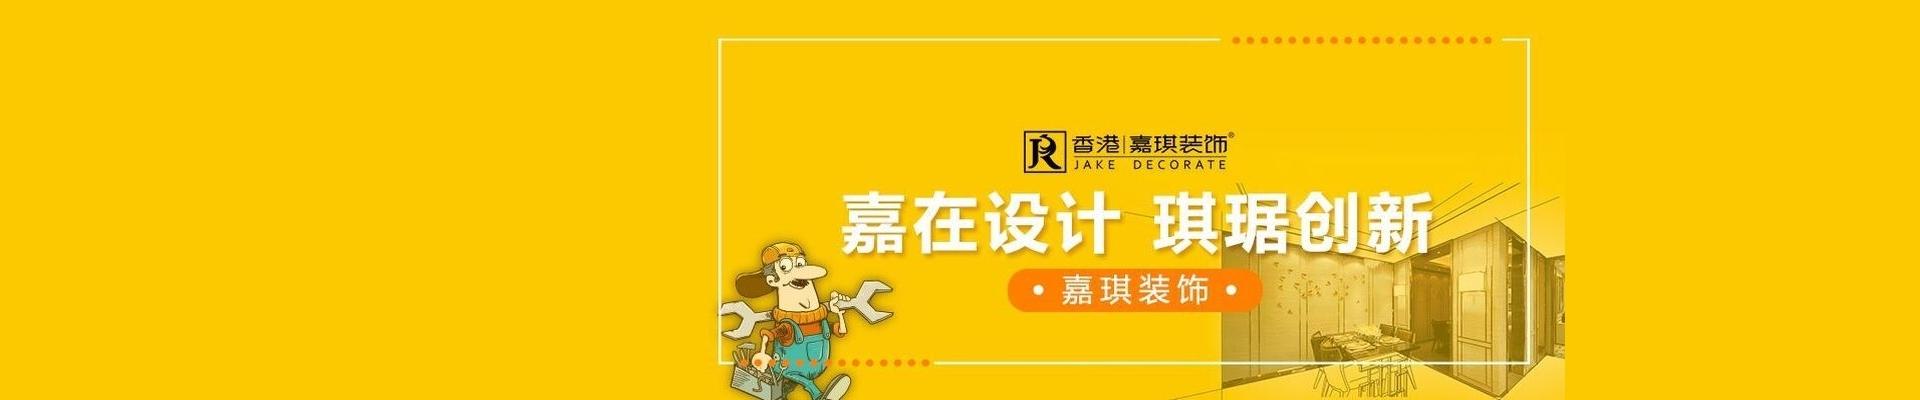 香港嘉琪装饰